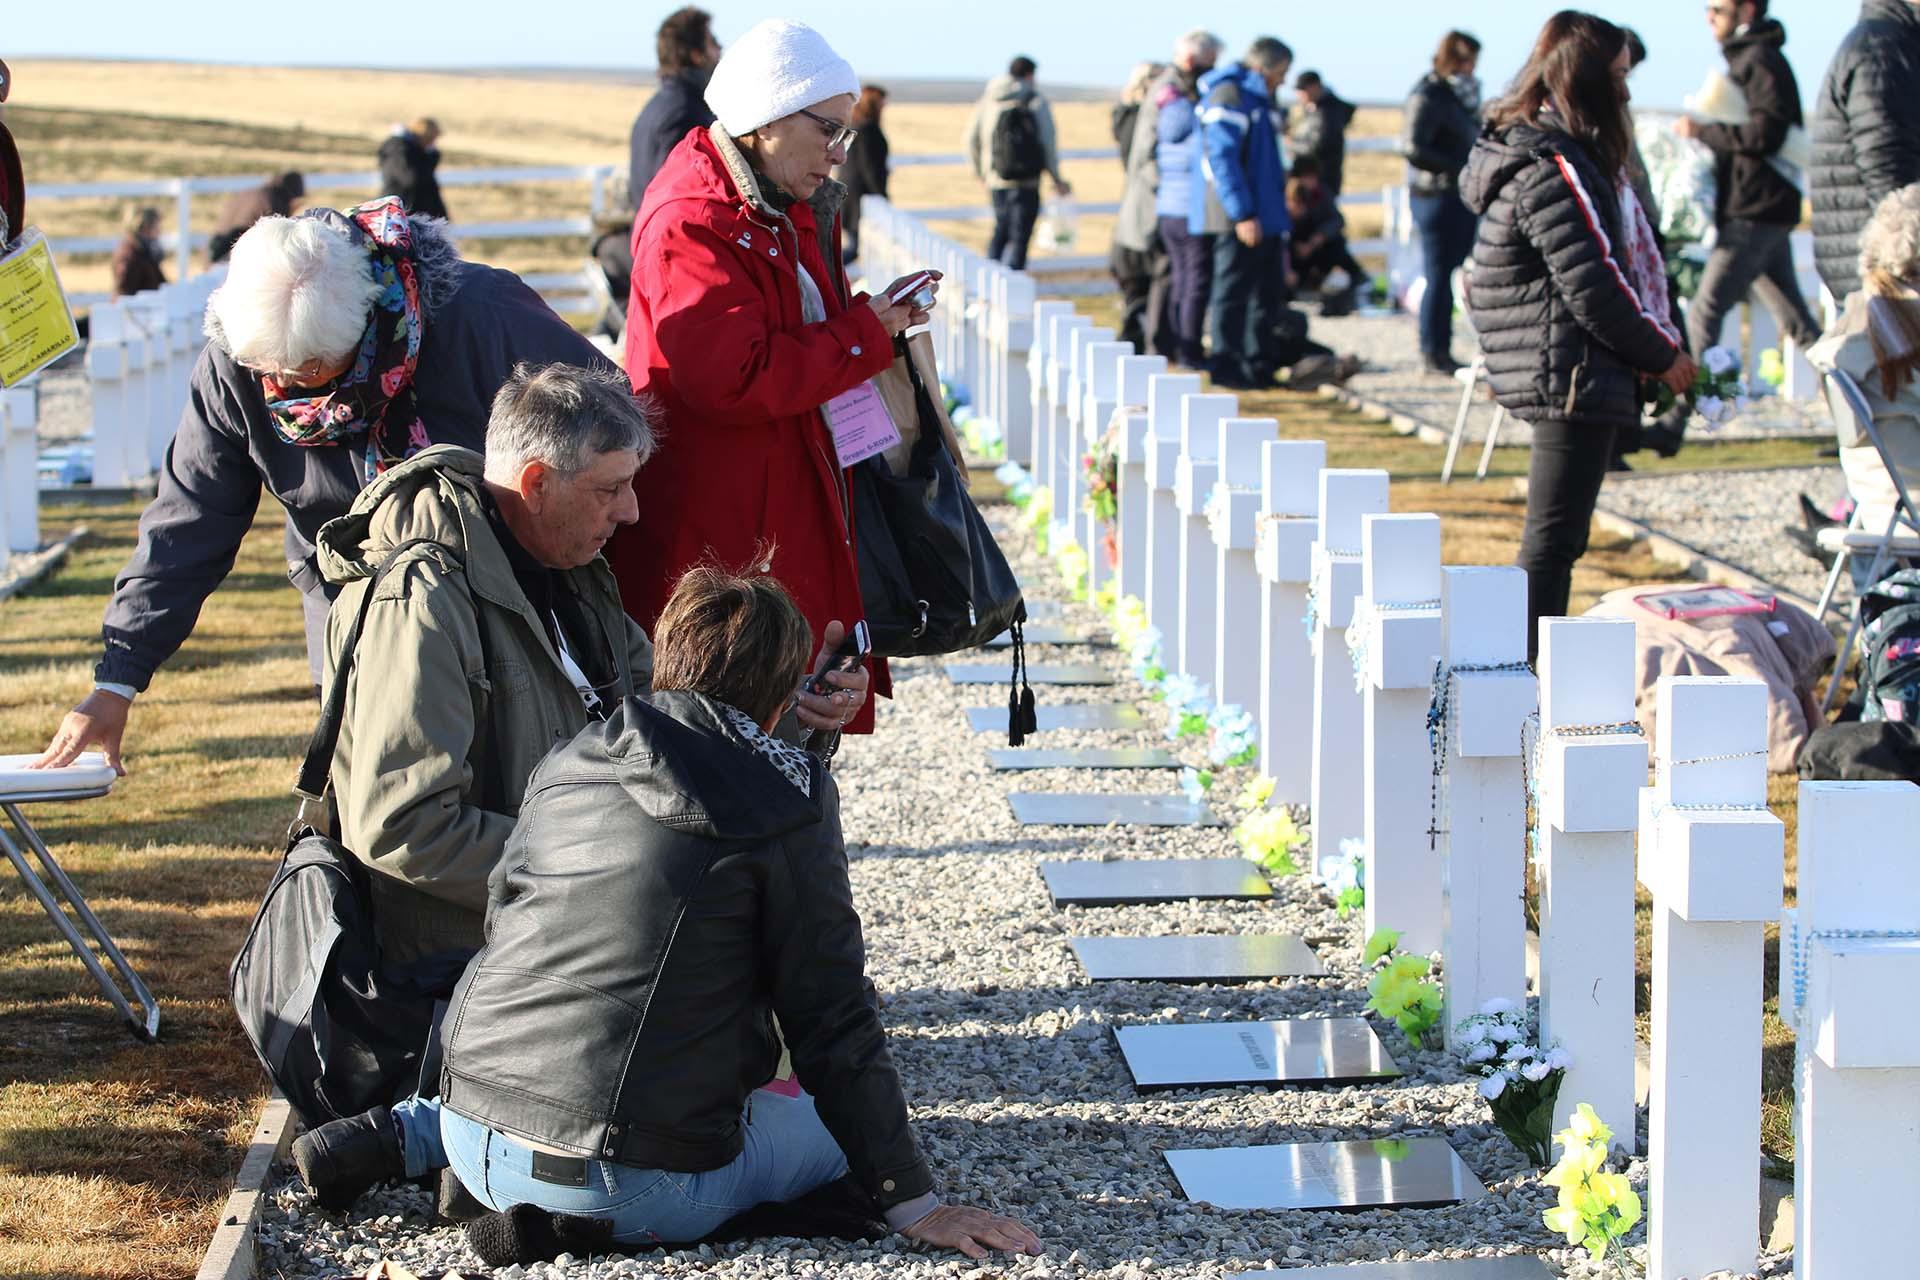 Muchos familiares pasaron las casi tres horas sentados frente a las tumbas de sus seres amados. Se habían organizado varias carpas con mesas y refrigerios